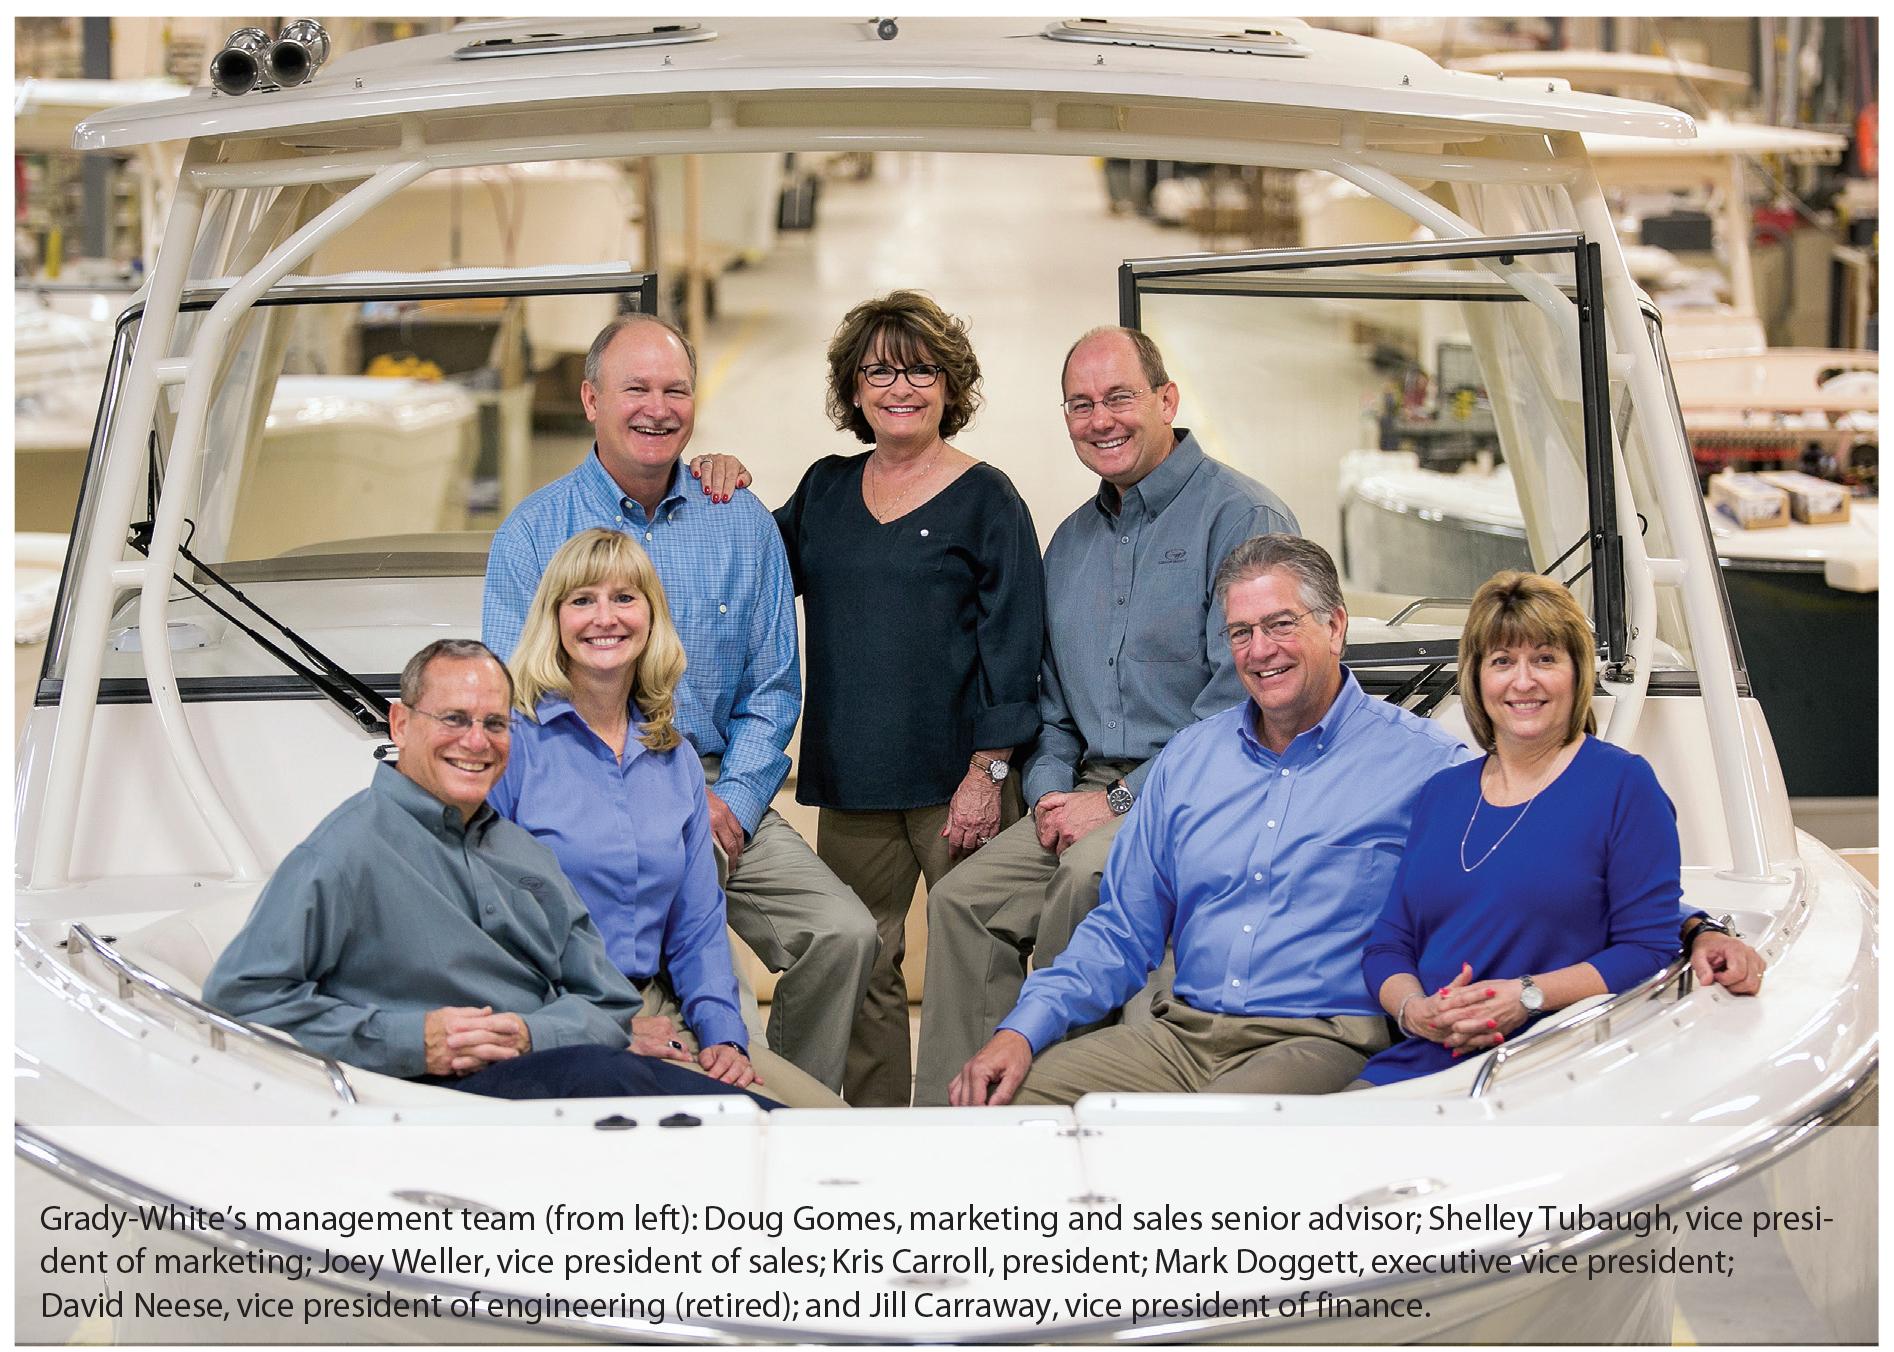 Grady-White's management team